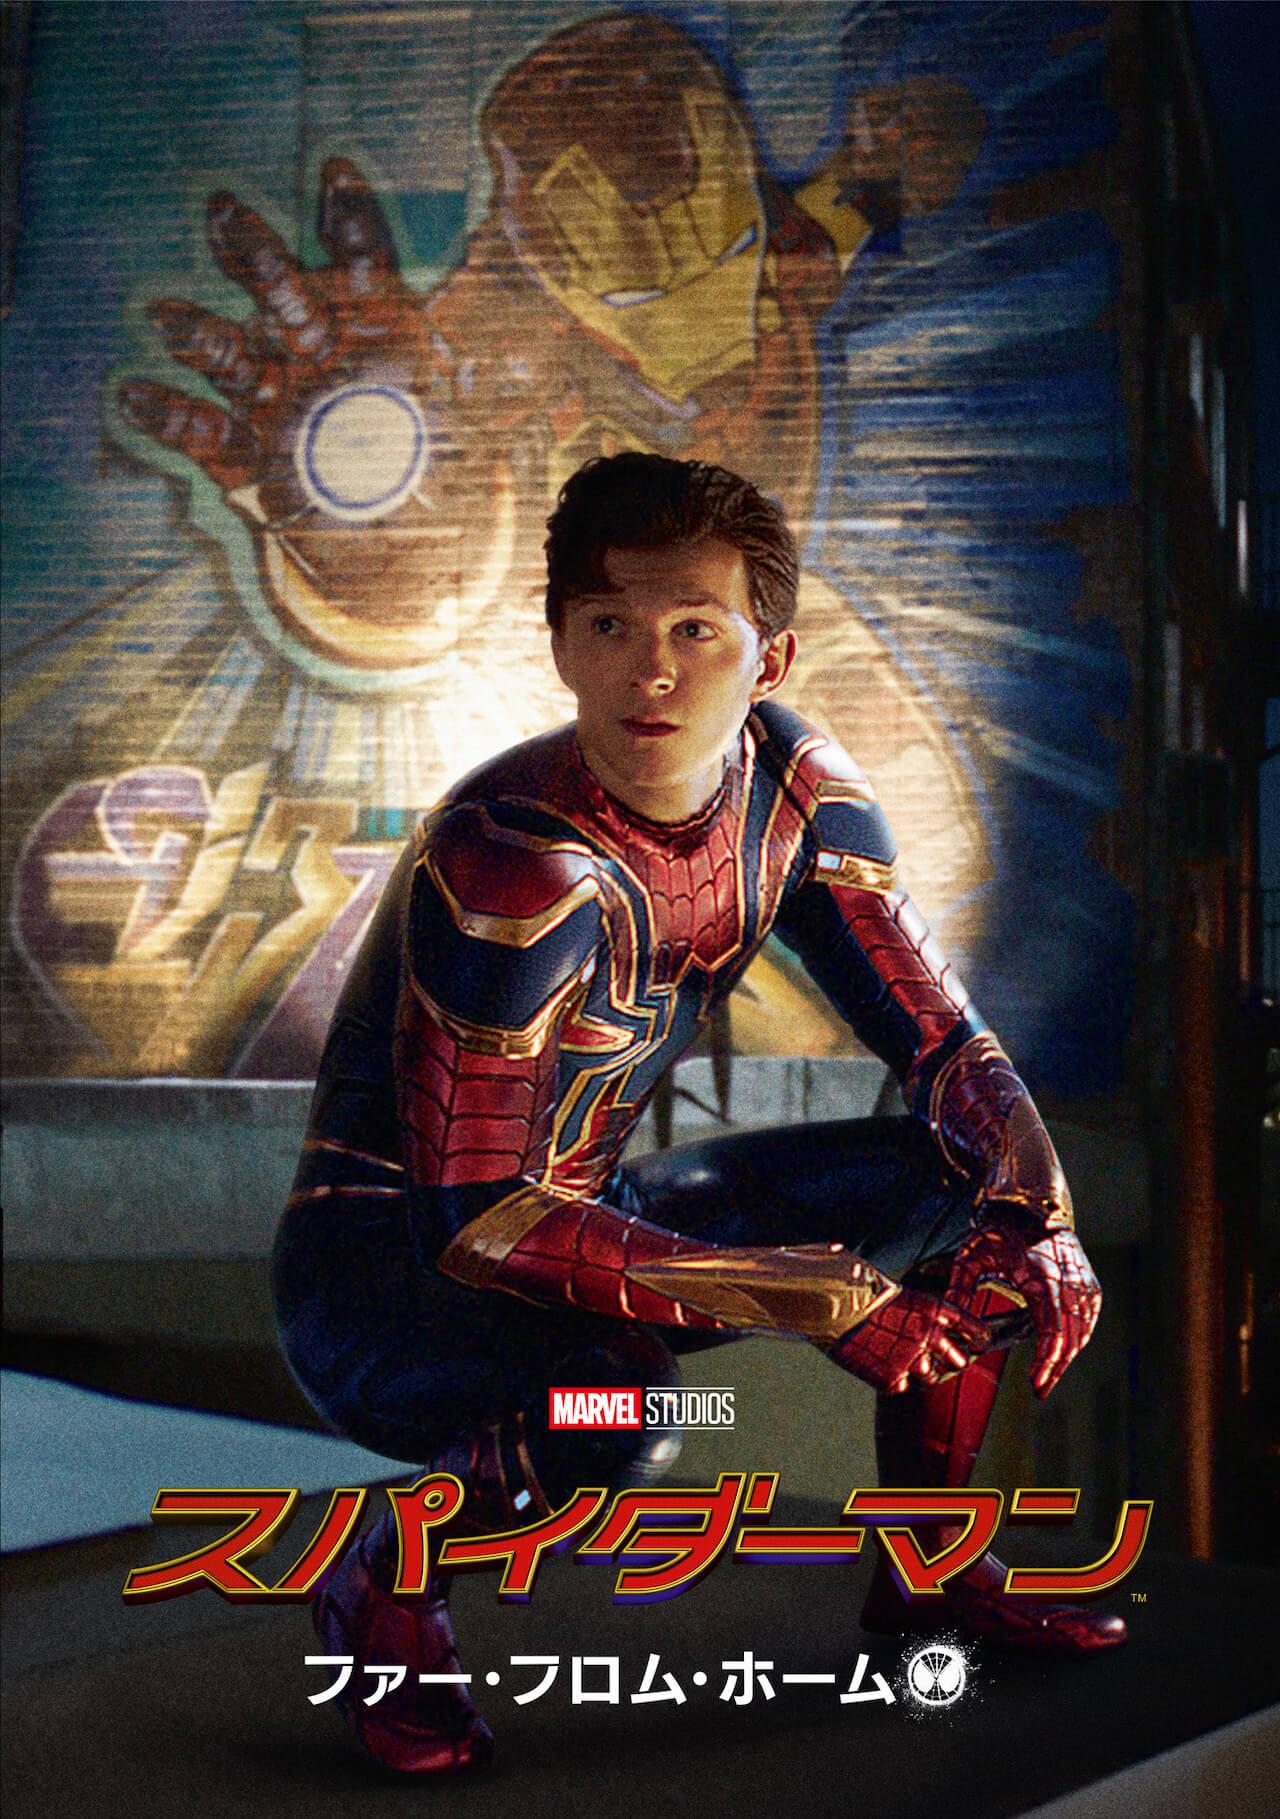 トム・ホランドも絶賛の4つのスーツを紹介!『スパイダーマン:ファー・フロム・ホーム』スーツの新メイキング映像が公開 SMFFH_Ironmanvisual